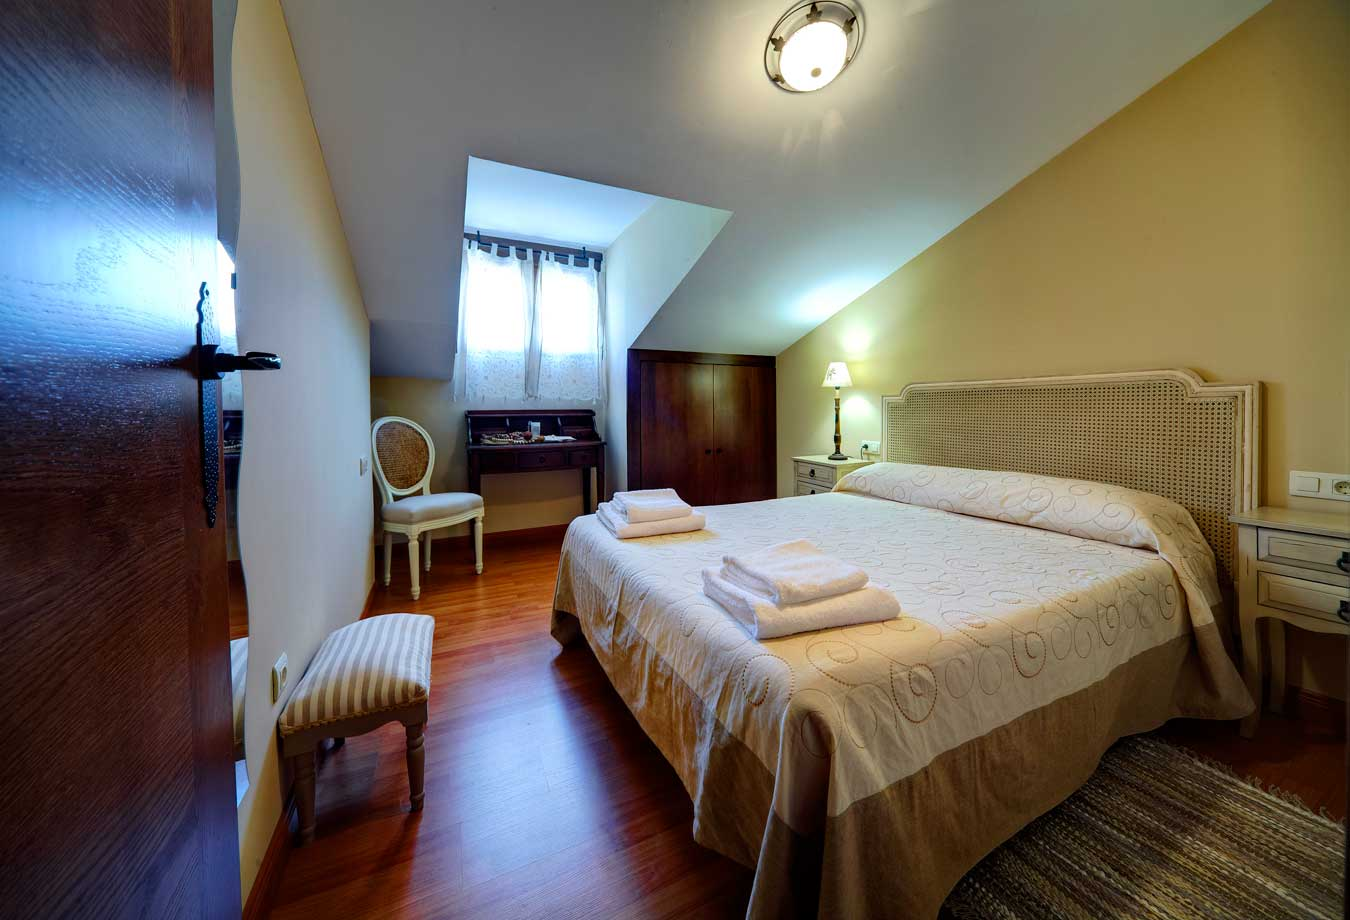 Apartamentos rurales senderos del jerte apartamentos 4 6 plazas - Habitaciones abuhardilladas ...